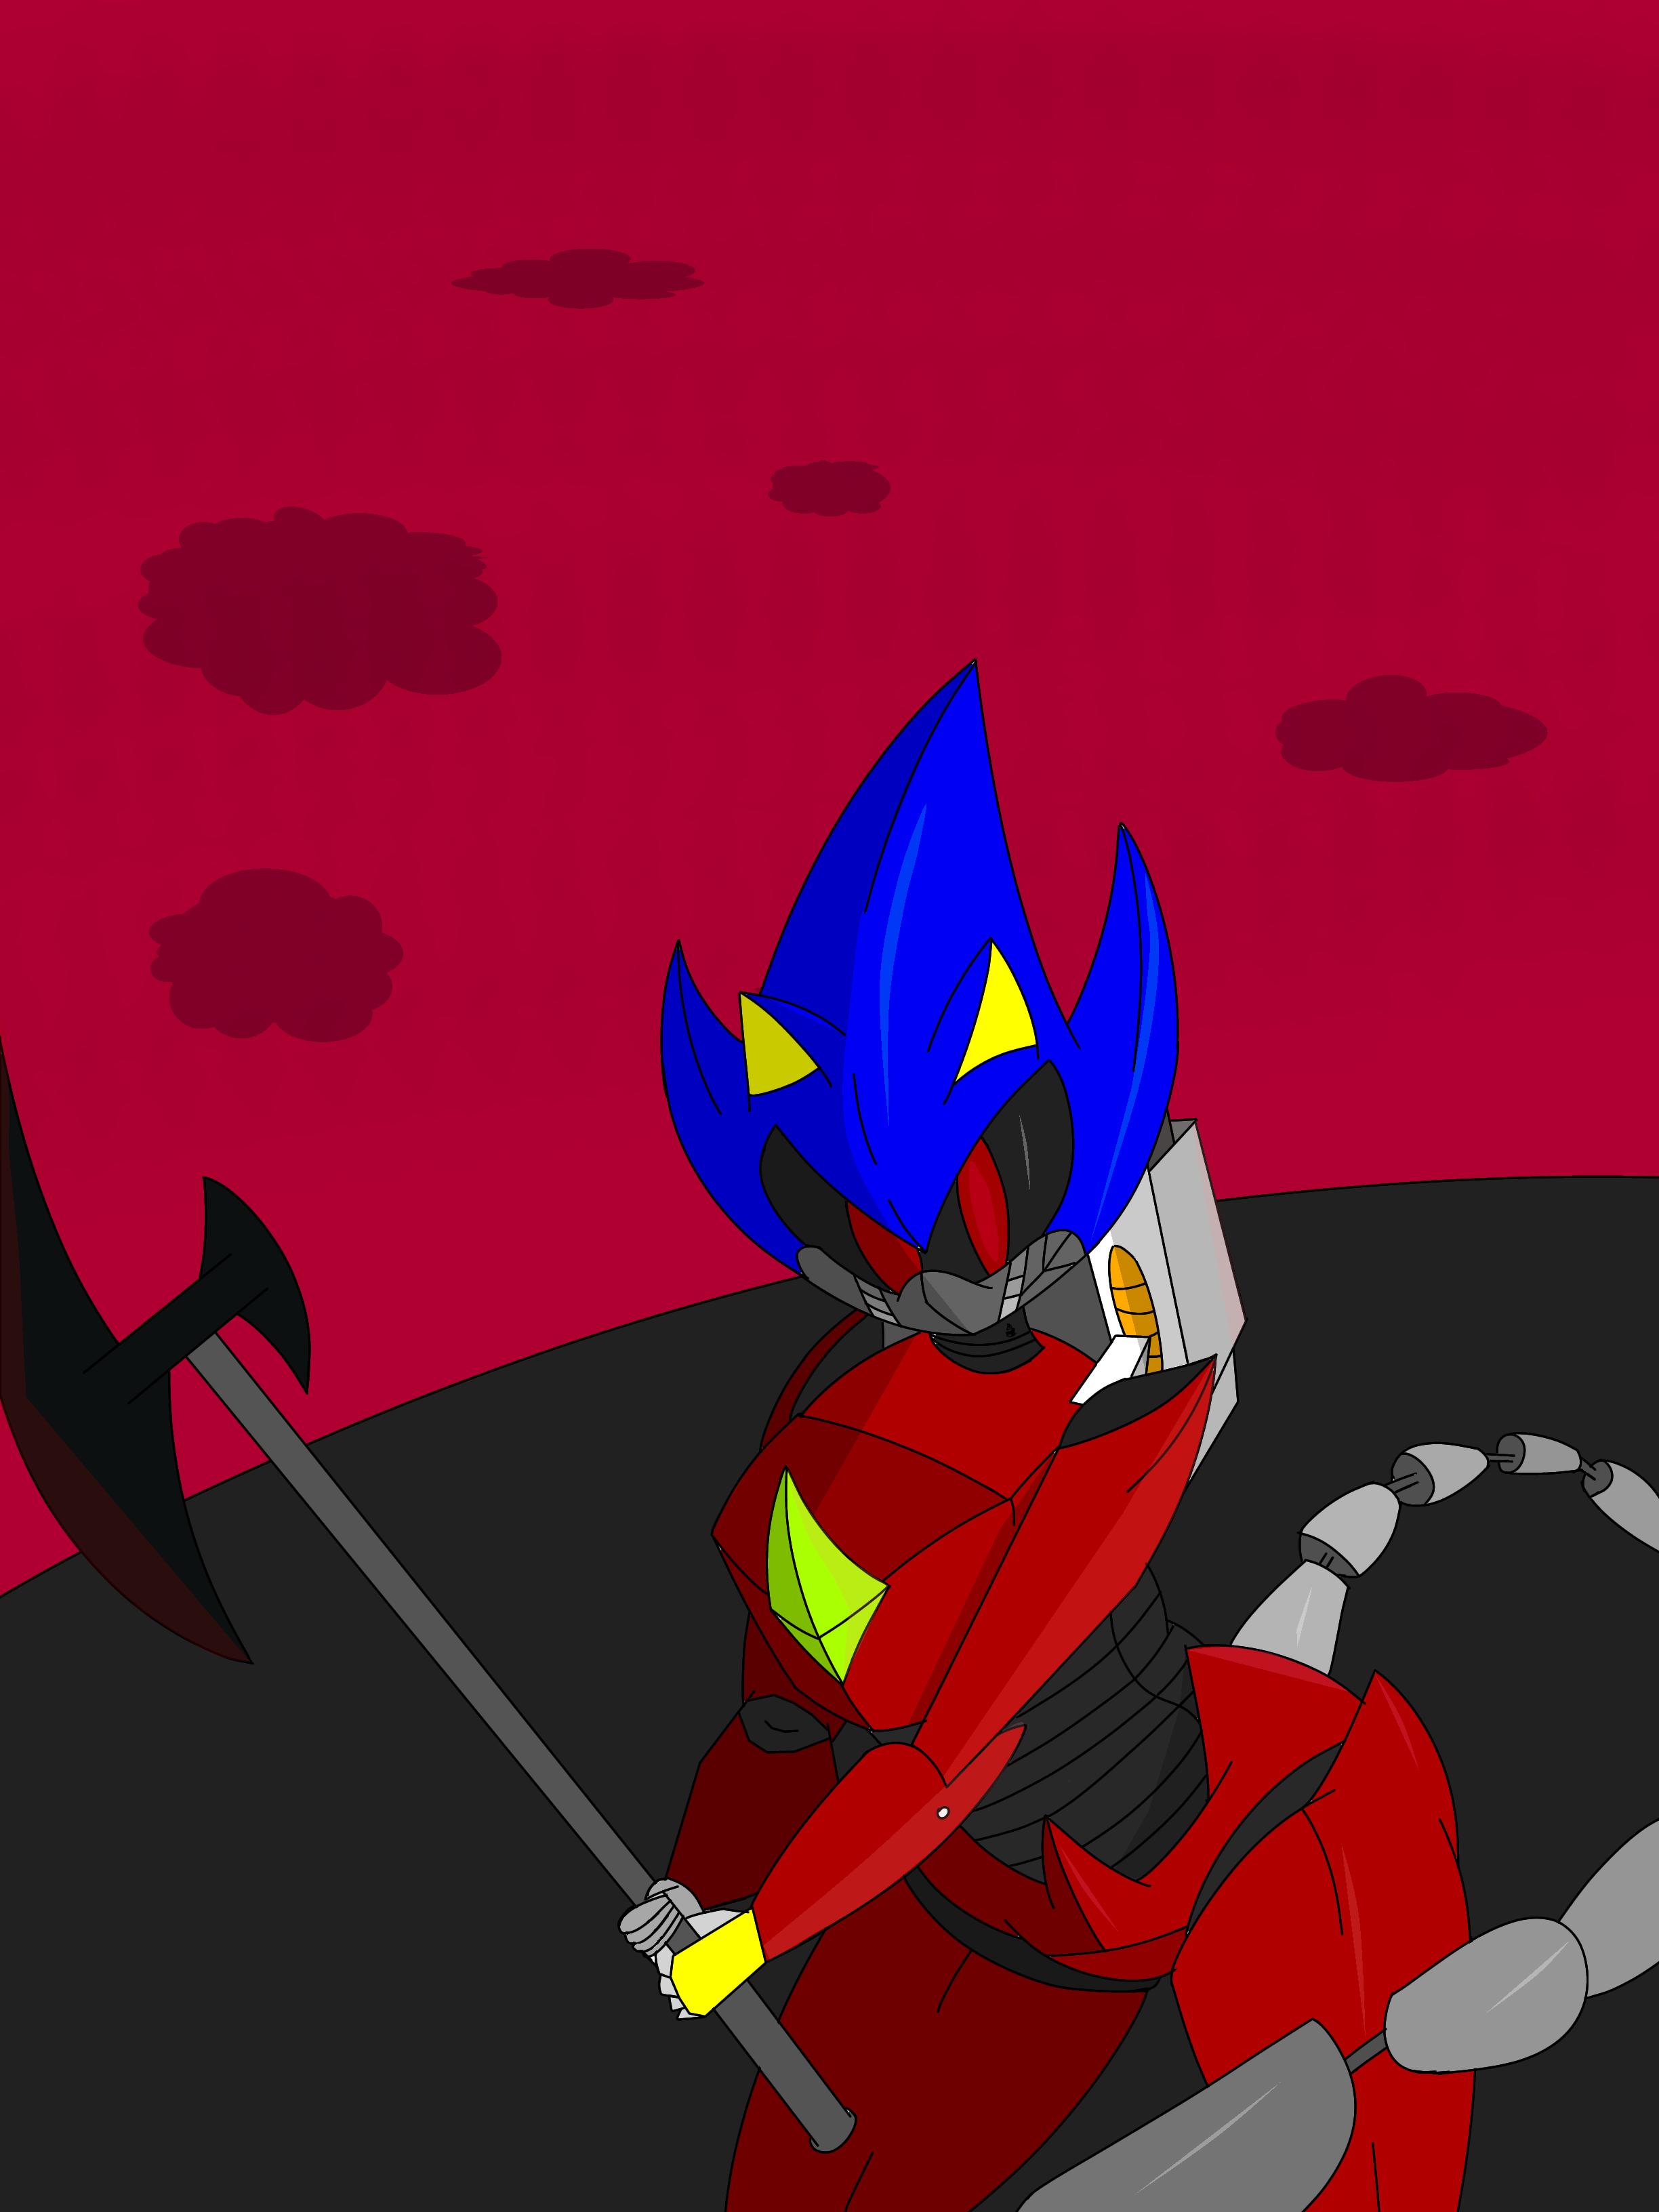 Crimson the Shortstack